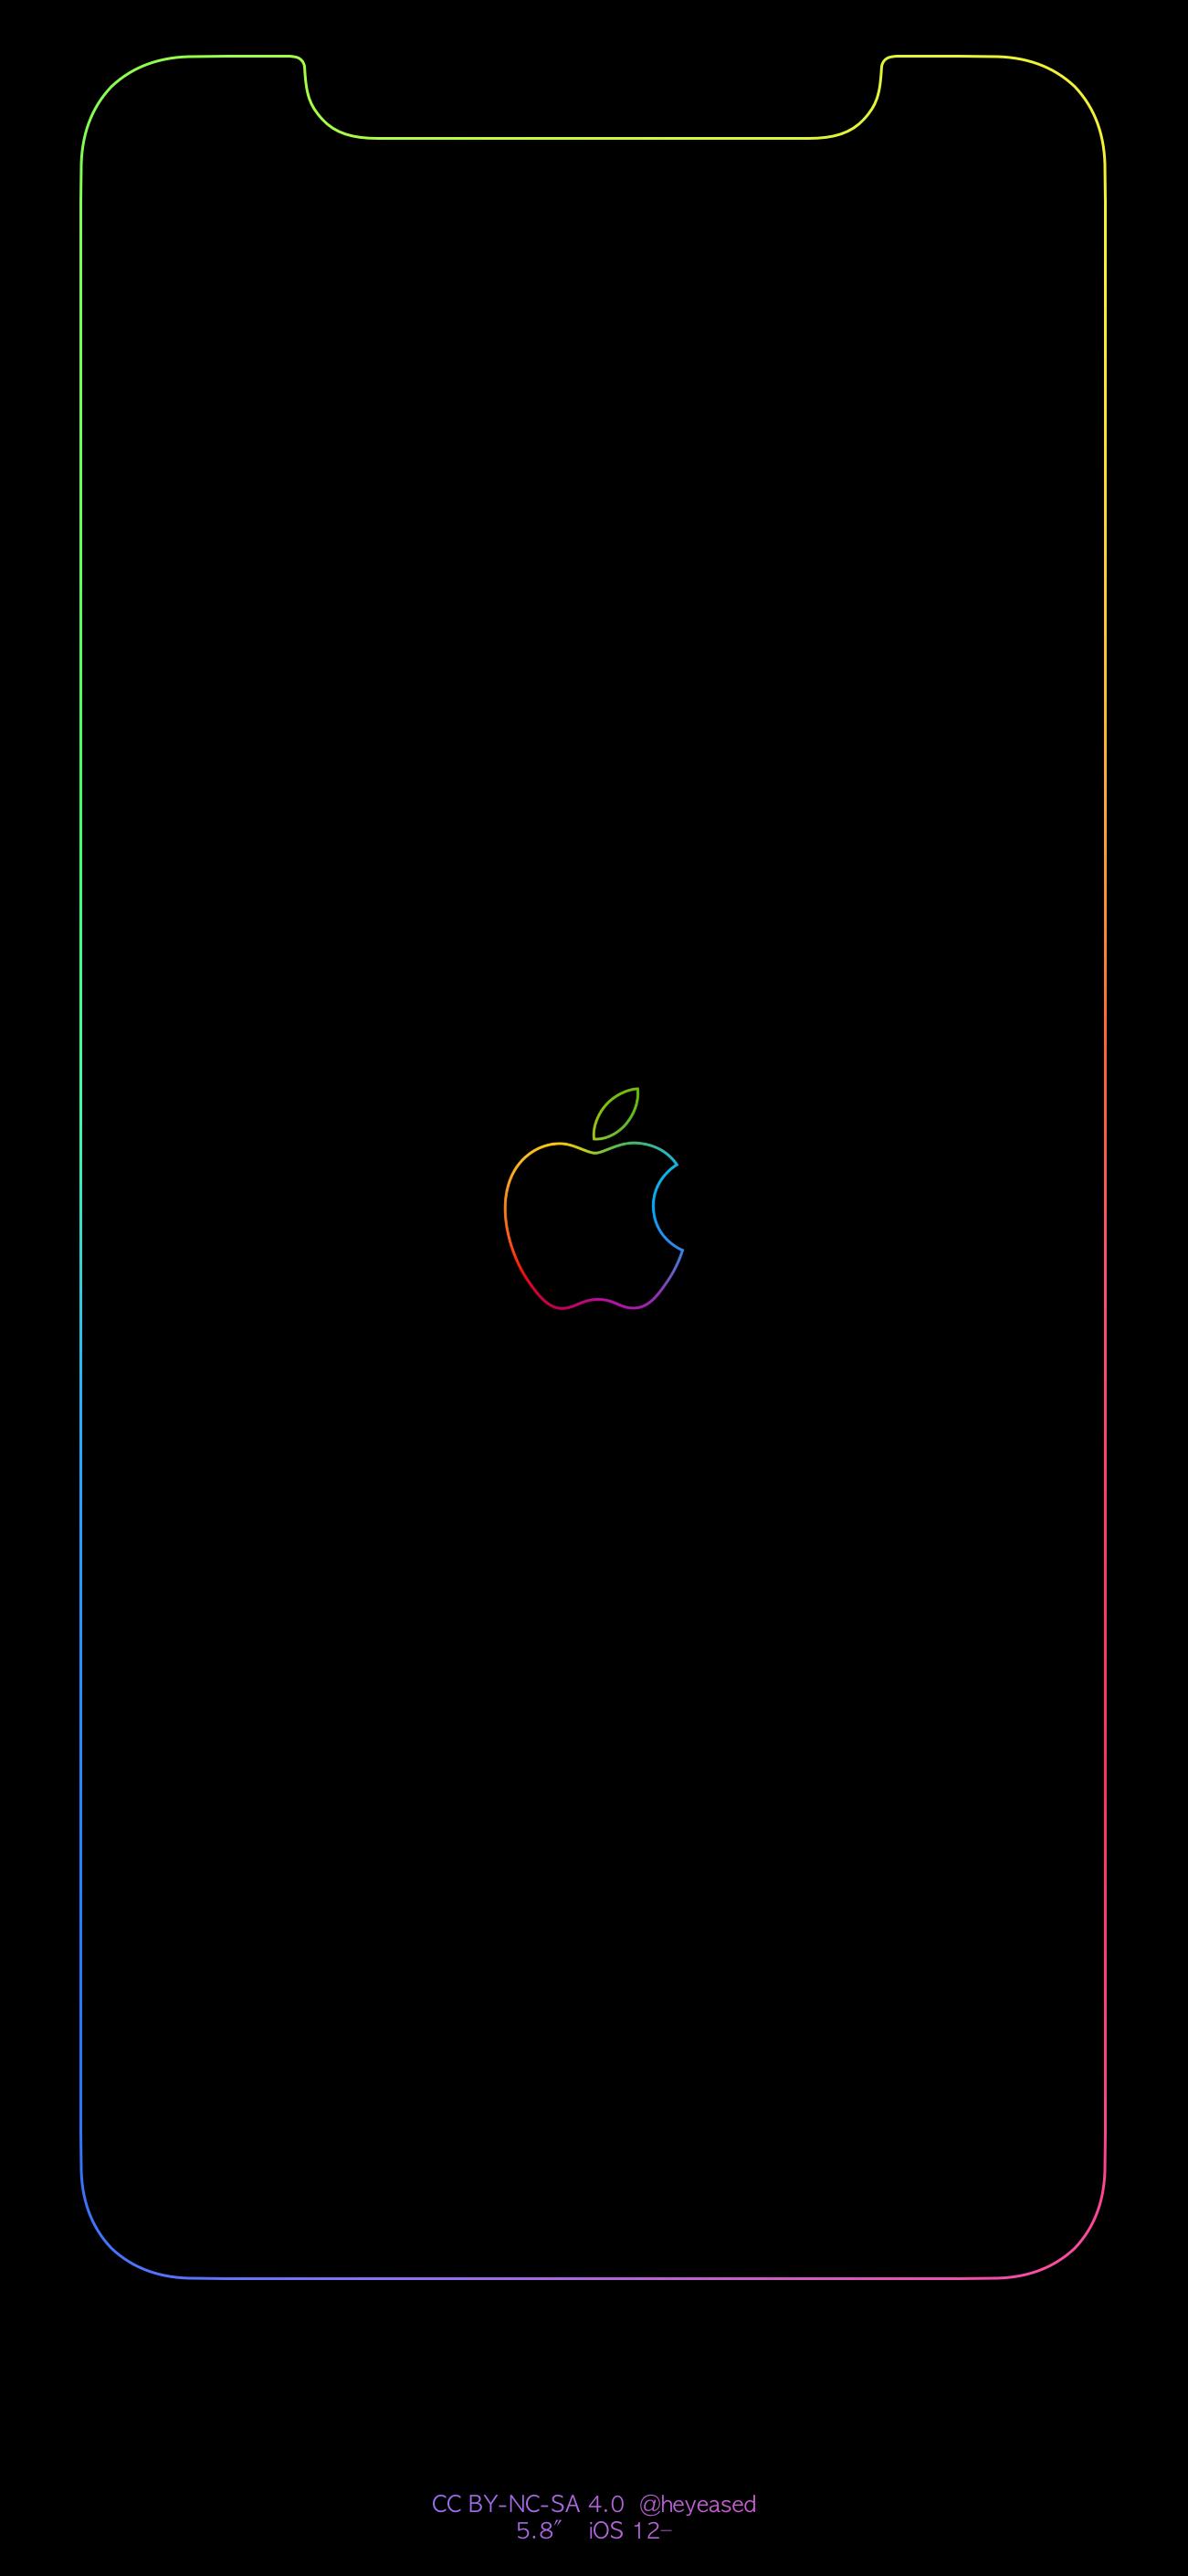 thay hình nền iphone 7